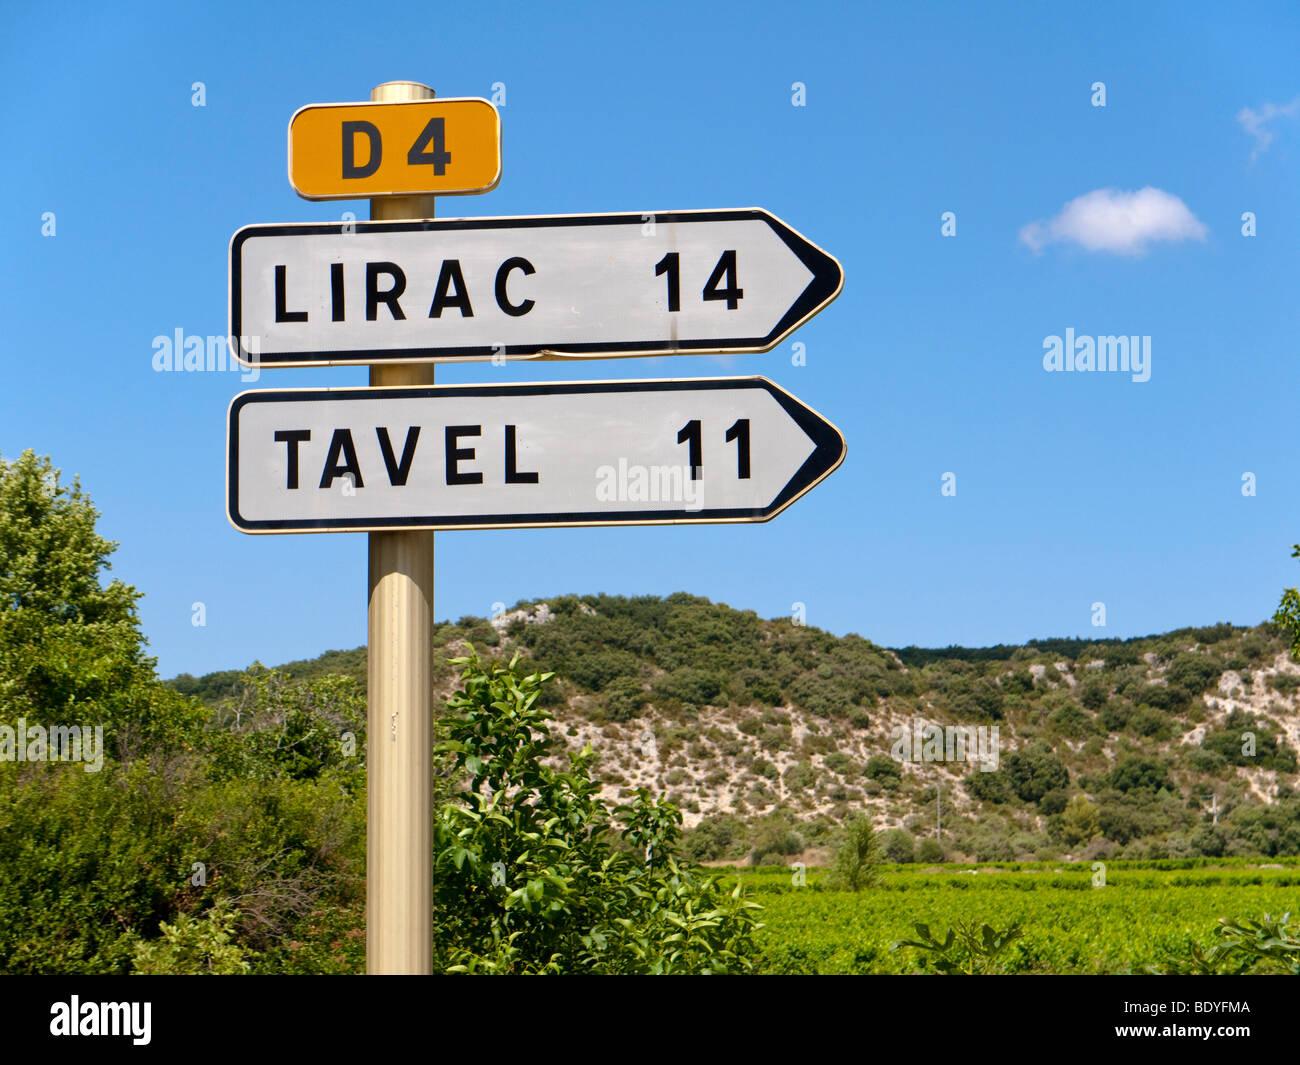 Un segno di traffico mostra la direzione della celebre vino villaggi di Tavel e Lirac. Immagini Stock